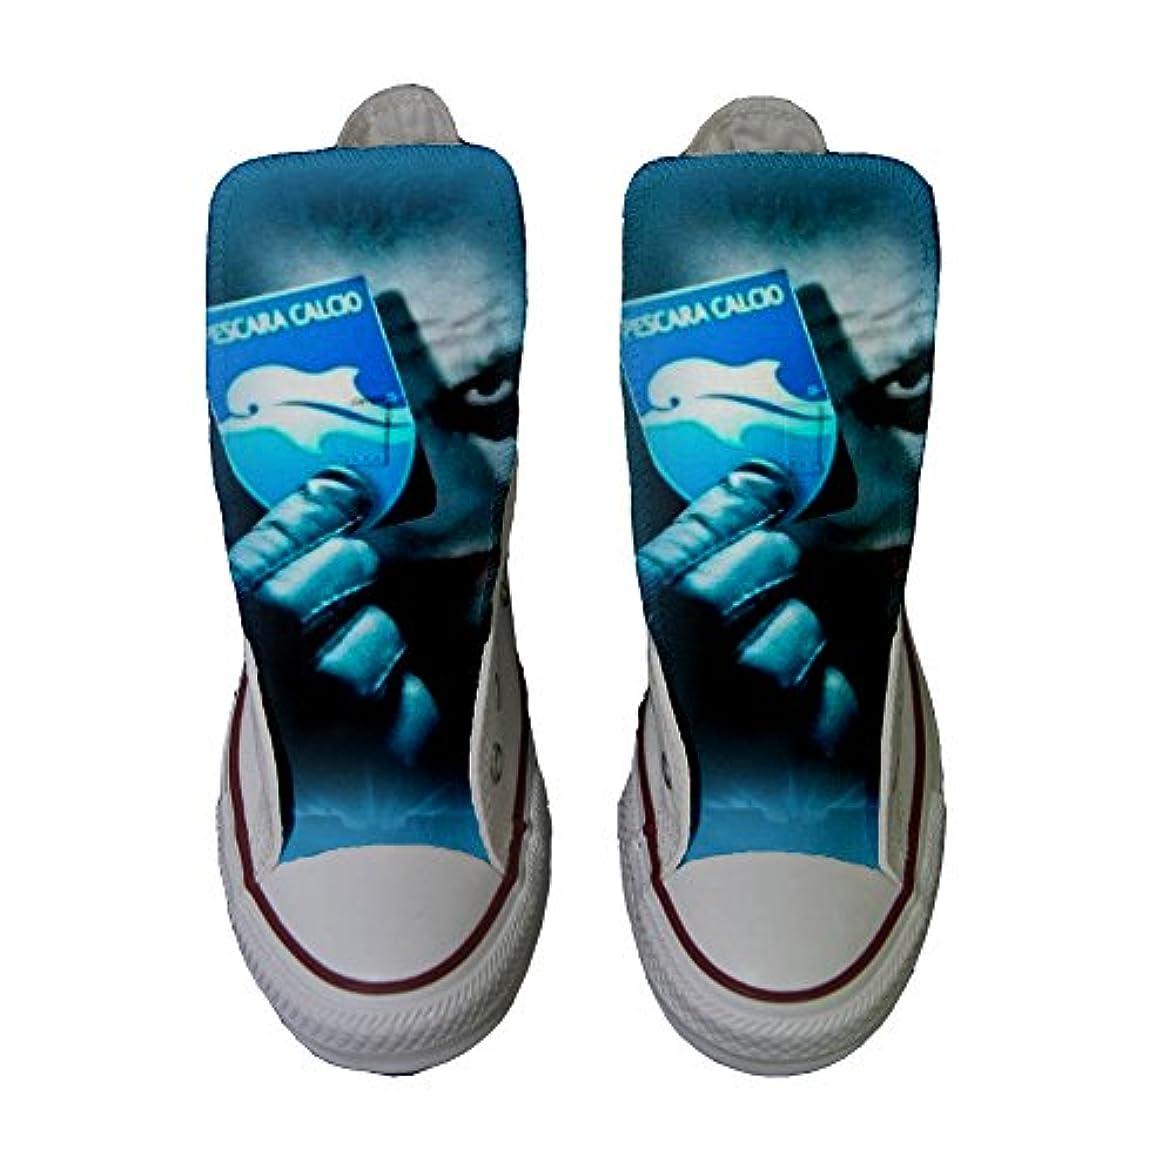 Converse Personalizzate All Star Sneaker Unisex scarpa Artigianale Italian Soccer